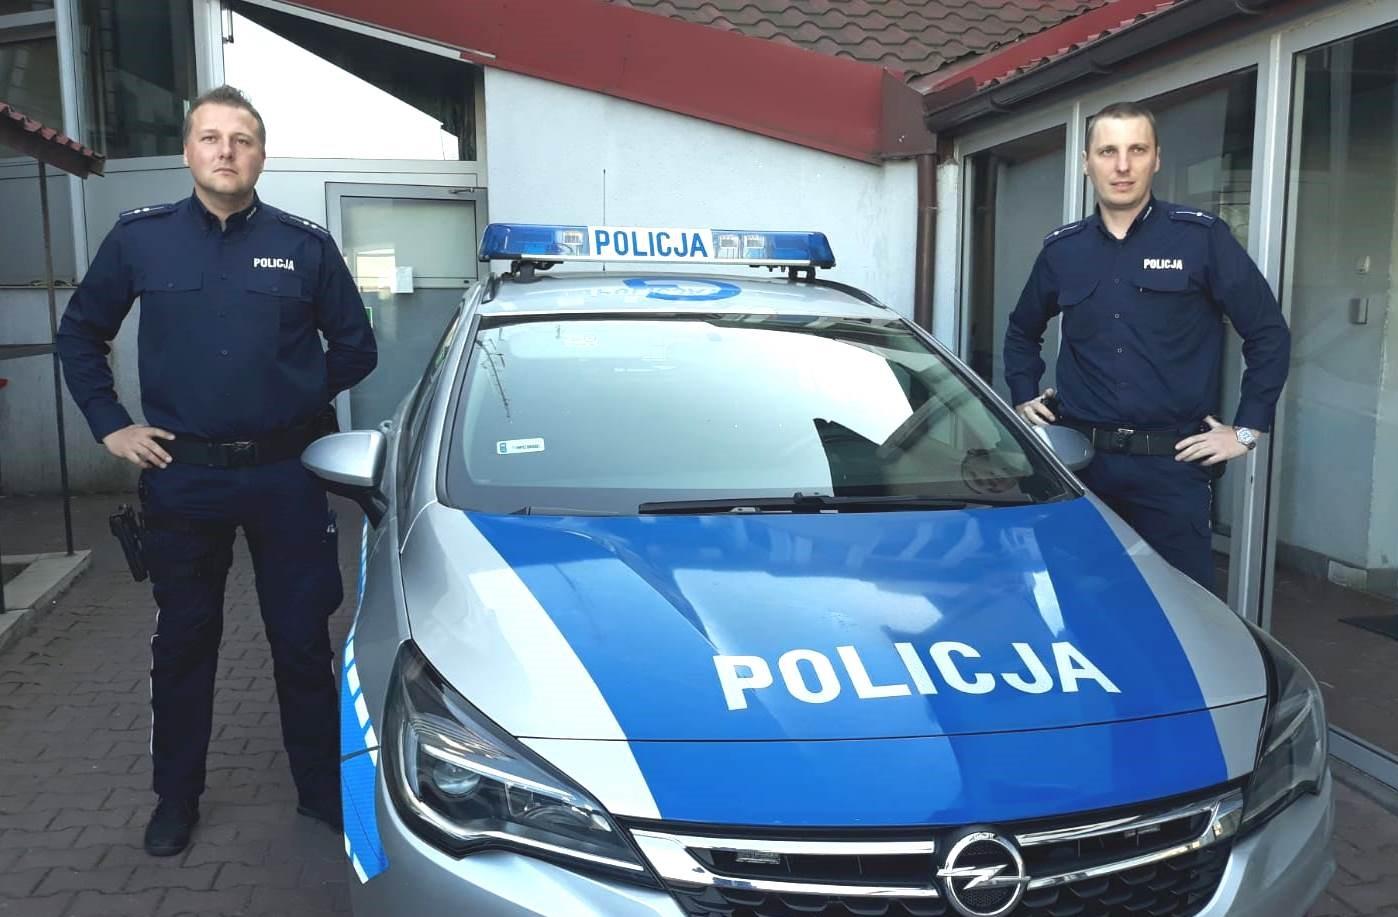 Policjanci z Andrychowa uratowali mężczyznę, który chciał popełnić samobójstwo